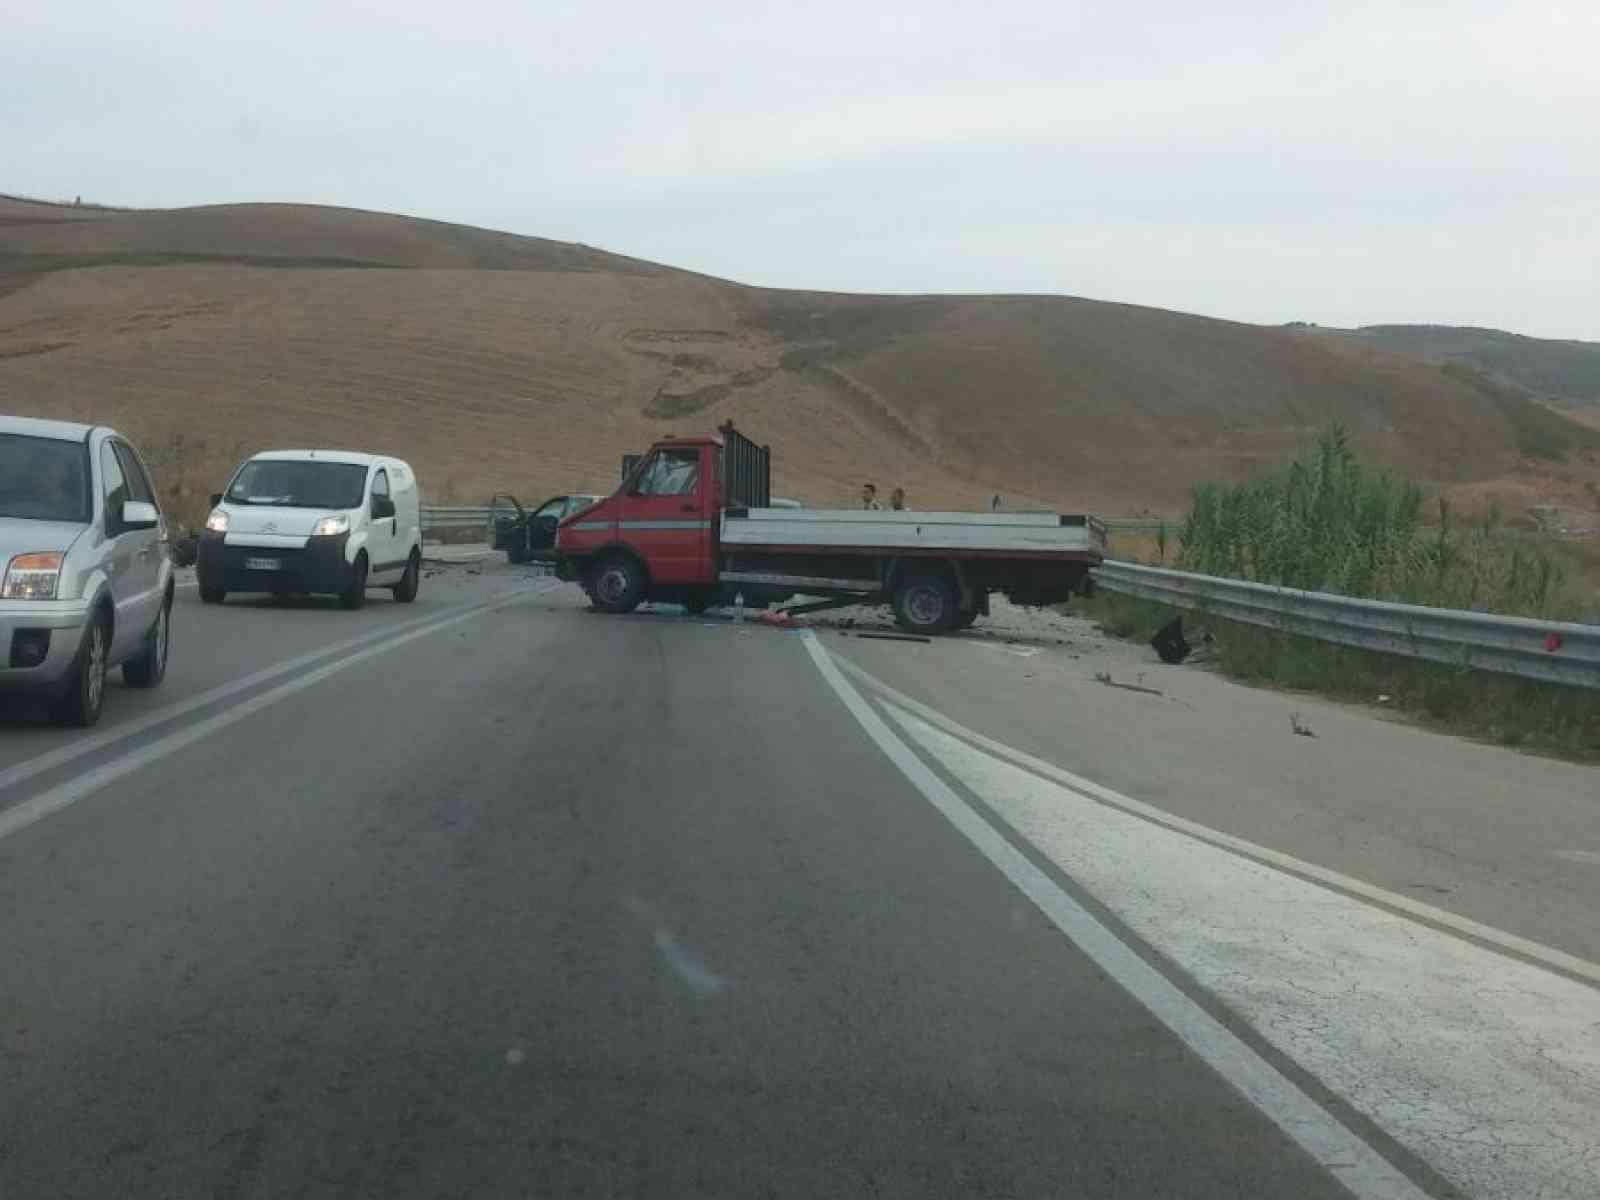 Incidente su Fondovalle Palermo - Sciacca. Scontro frontale tra camioncino ed automobile